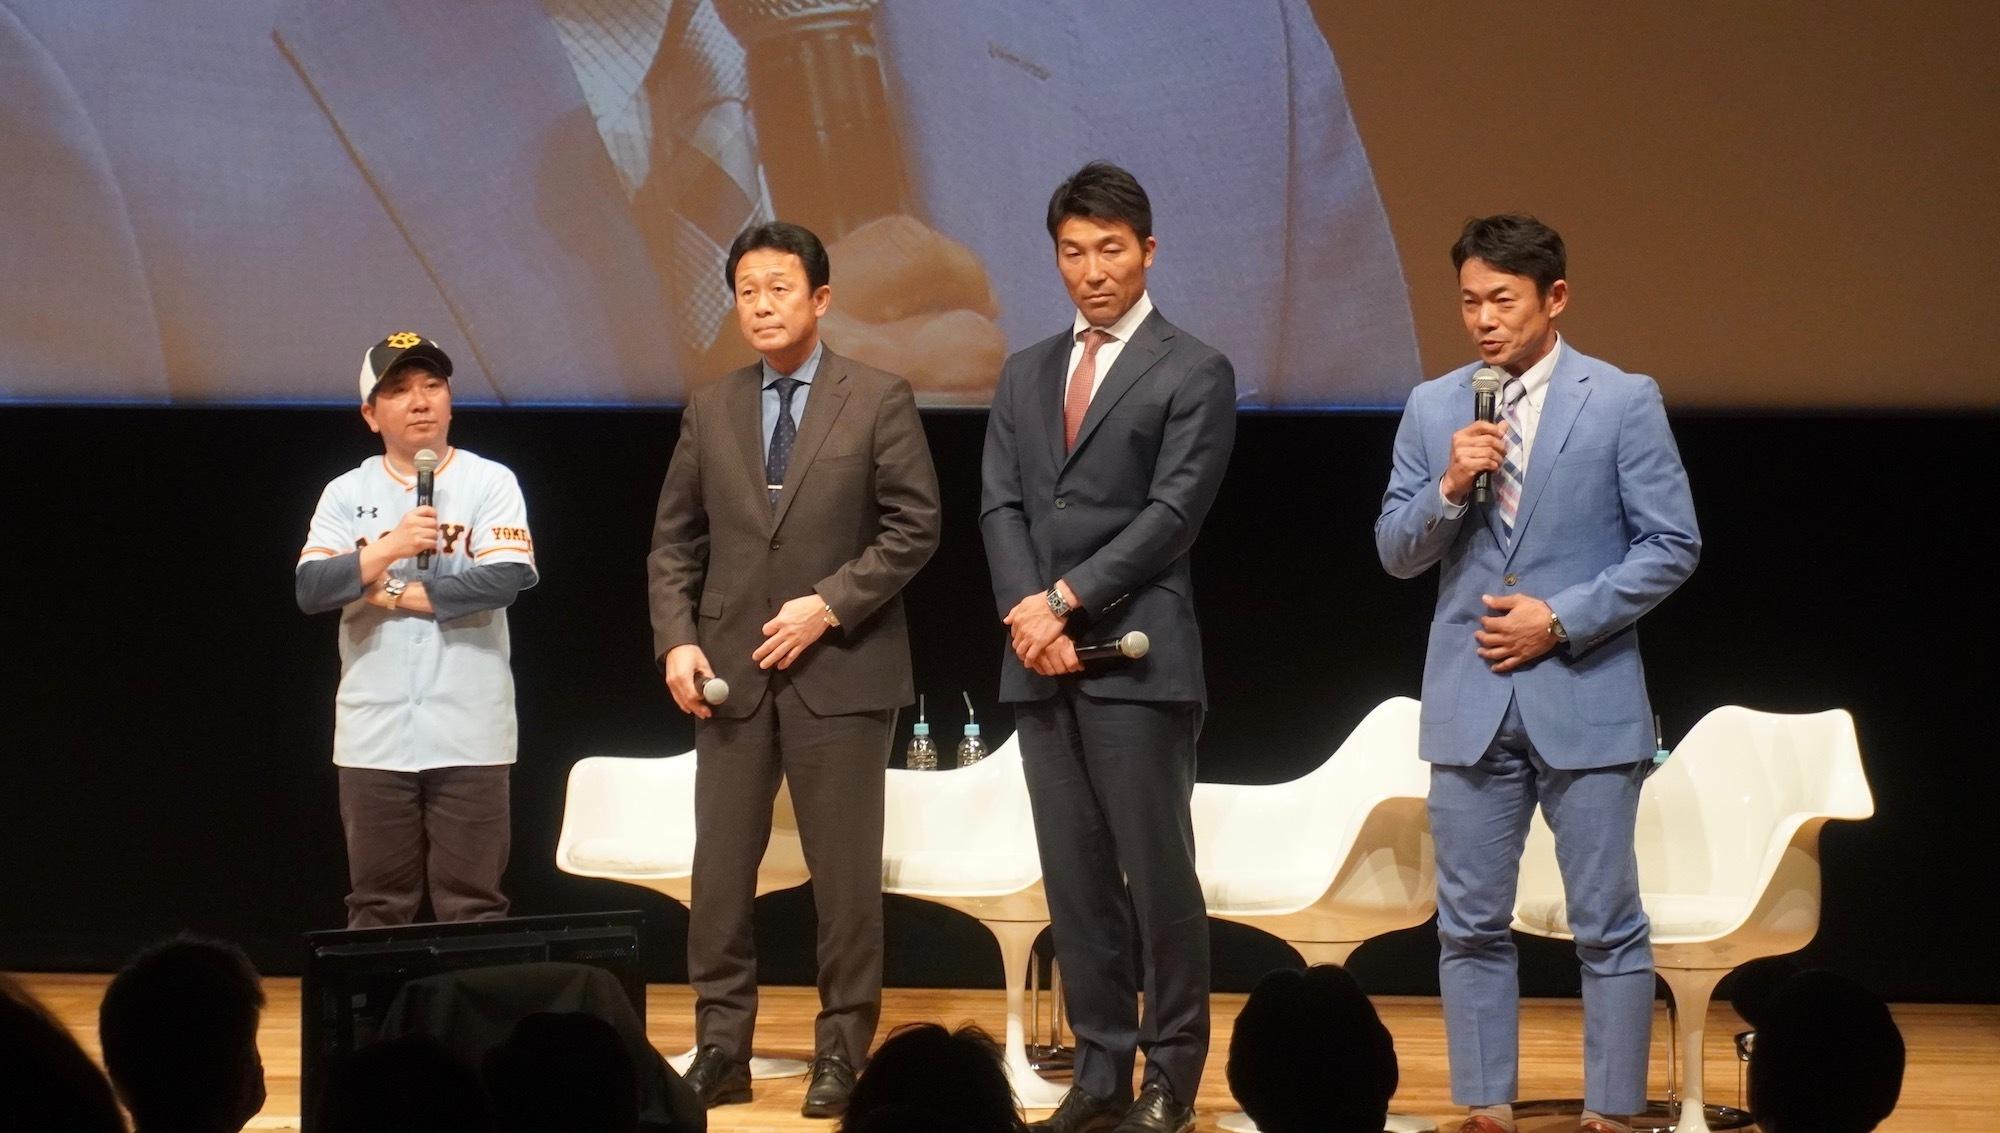 左から爆笑問題・田中裕二、ジャイアンツOBの川相昌弘氏、清水隆行氏、仁志敏久氏